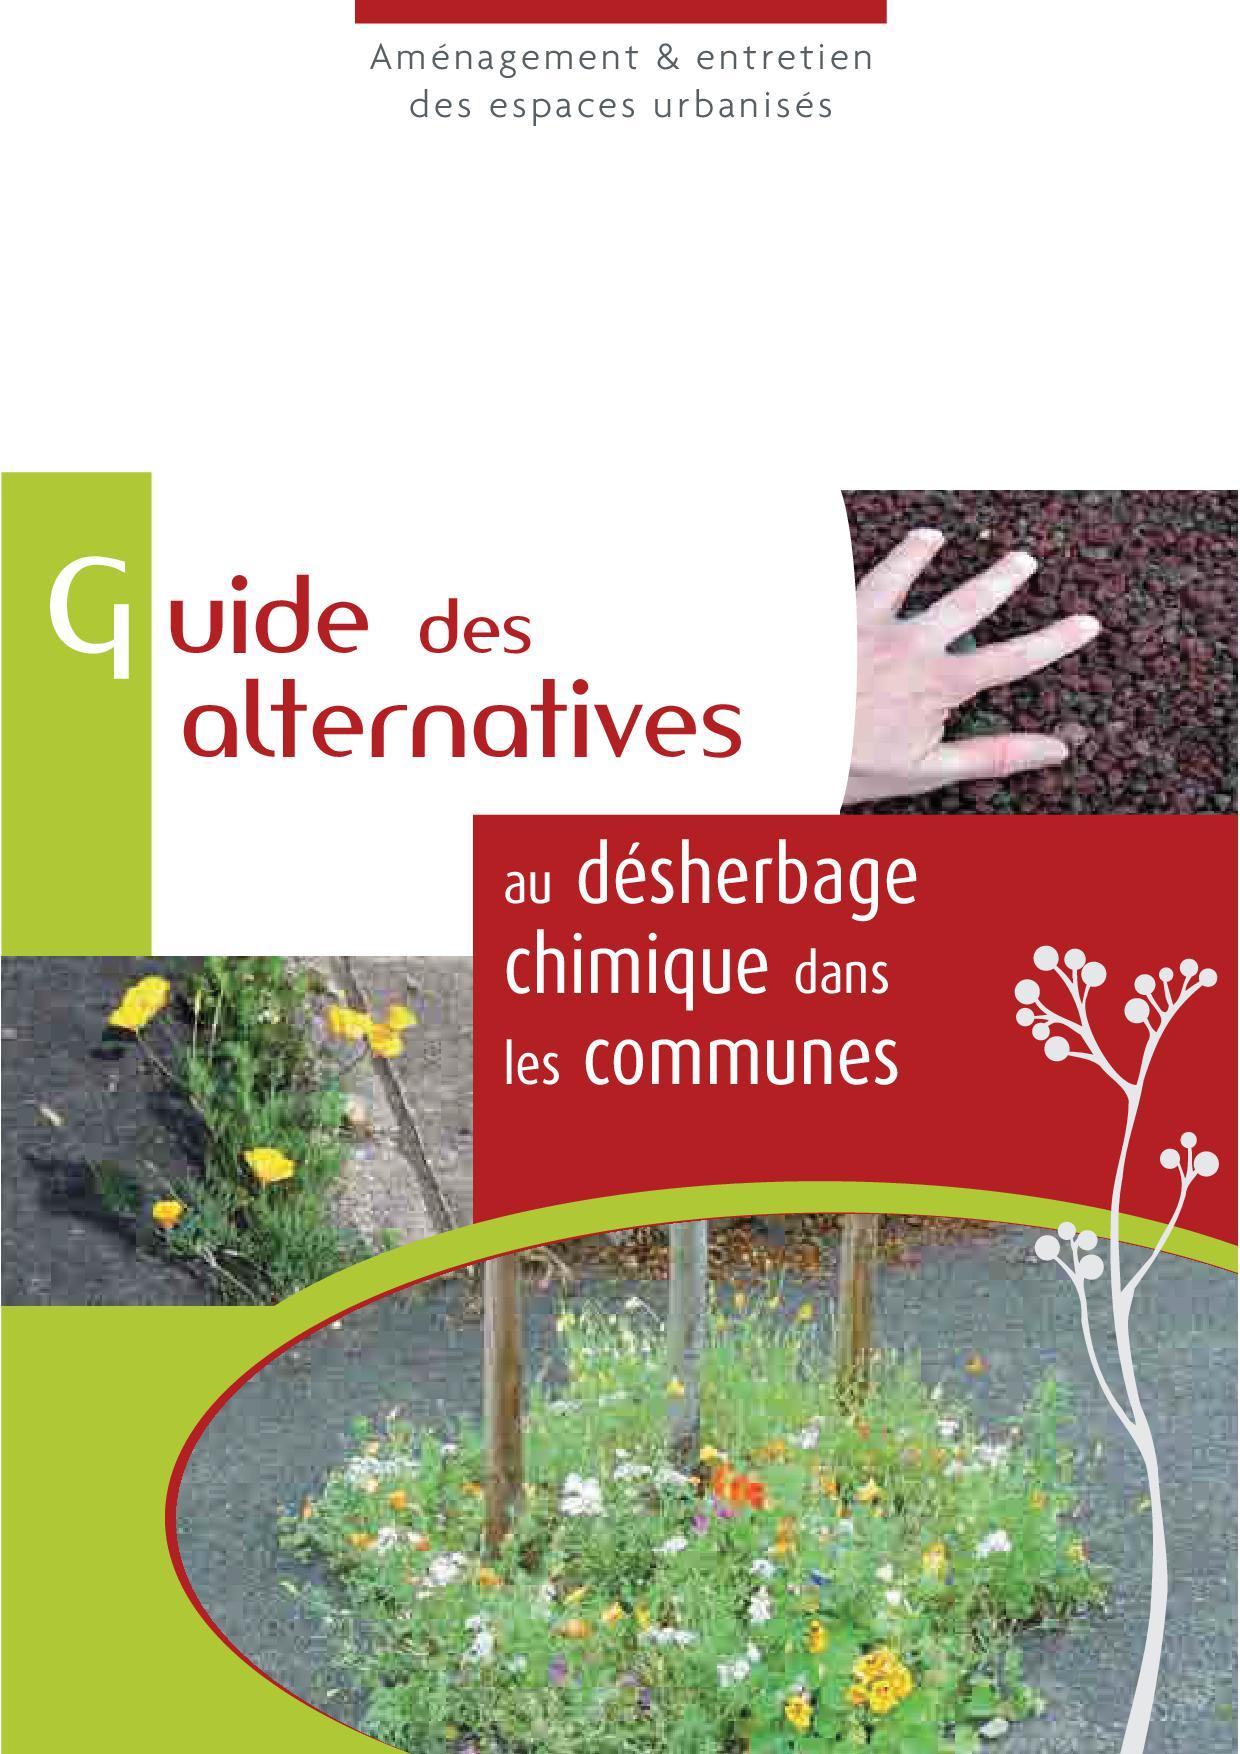 Guide-des-alternatives-au-désherbage-chimique-dans-les-communes